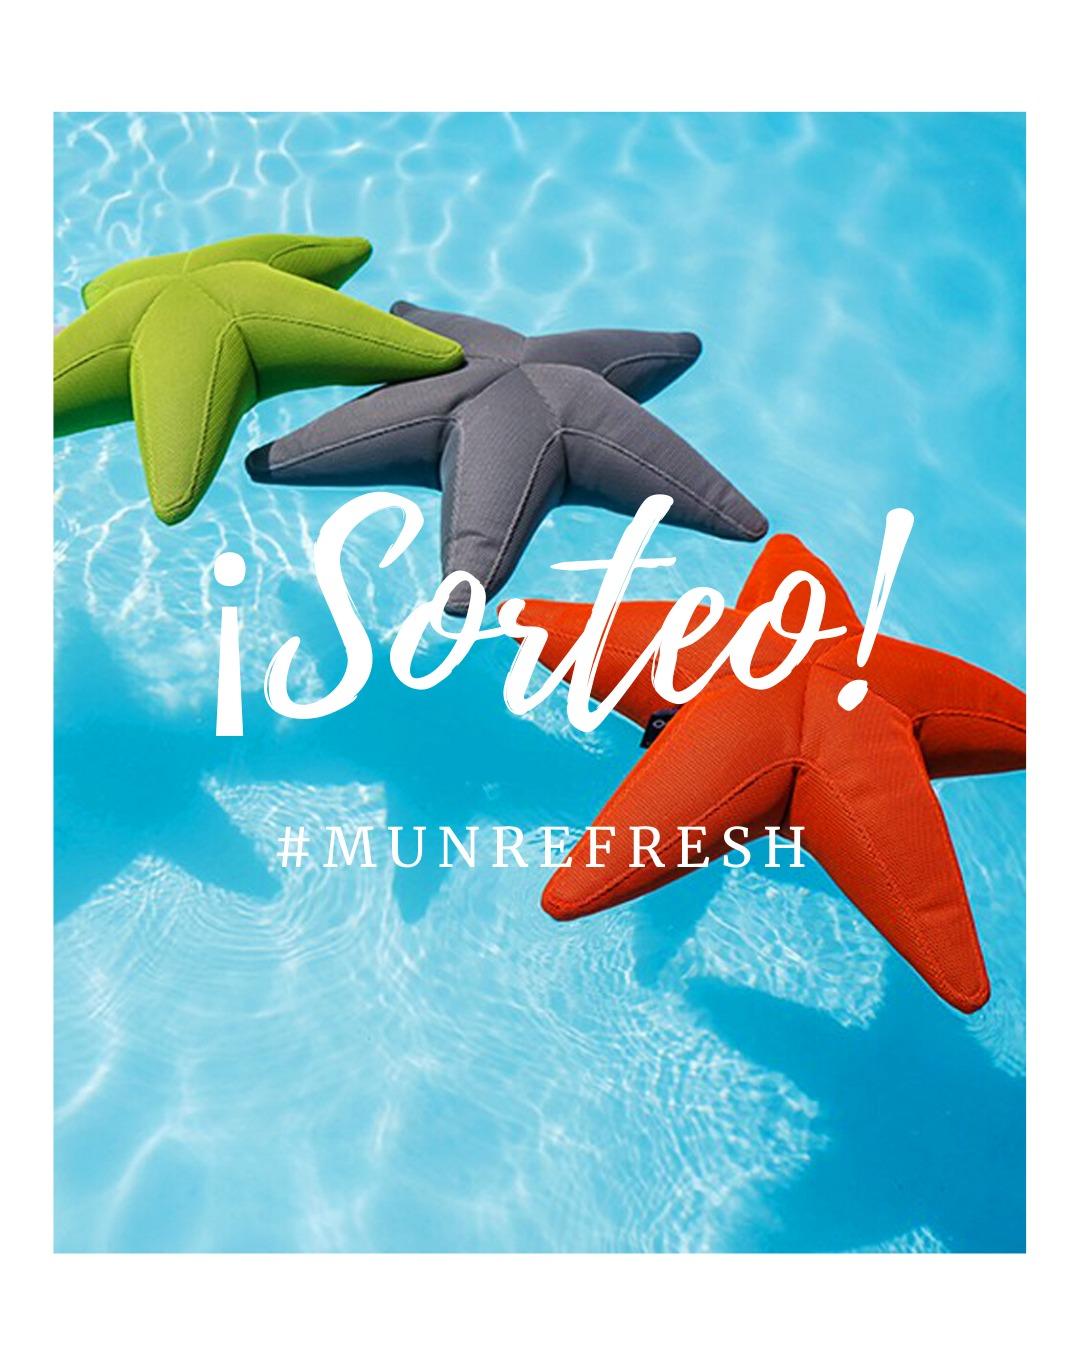 Imagen promoción del sorteo del verano, puf starfish de Ogo